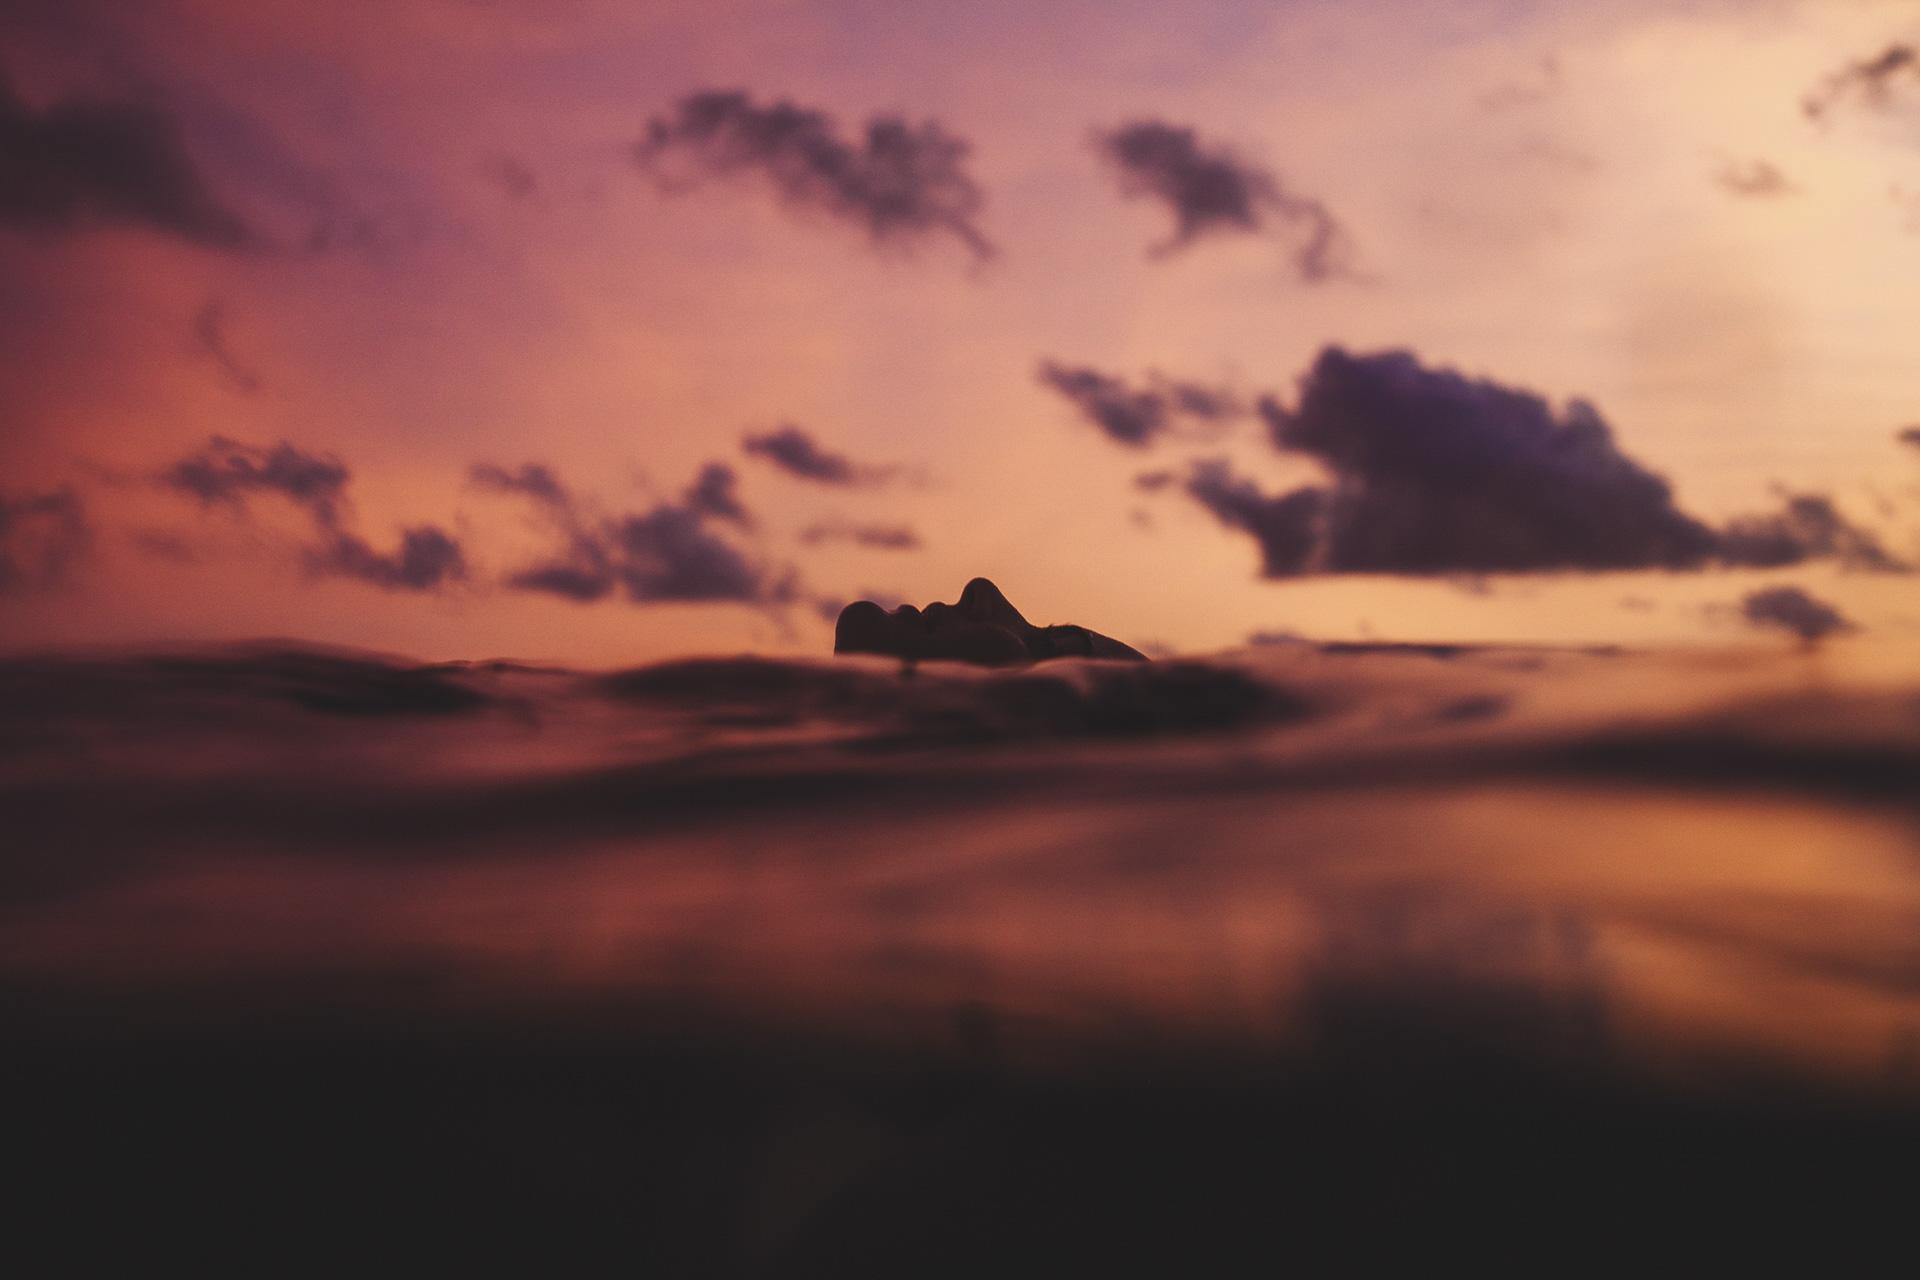 SarahLeePhoto_Dusk_Sunset_Peaceful_Floating.jpg